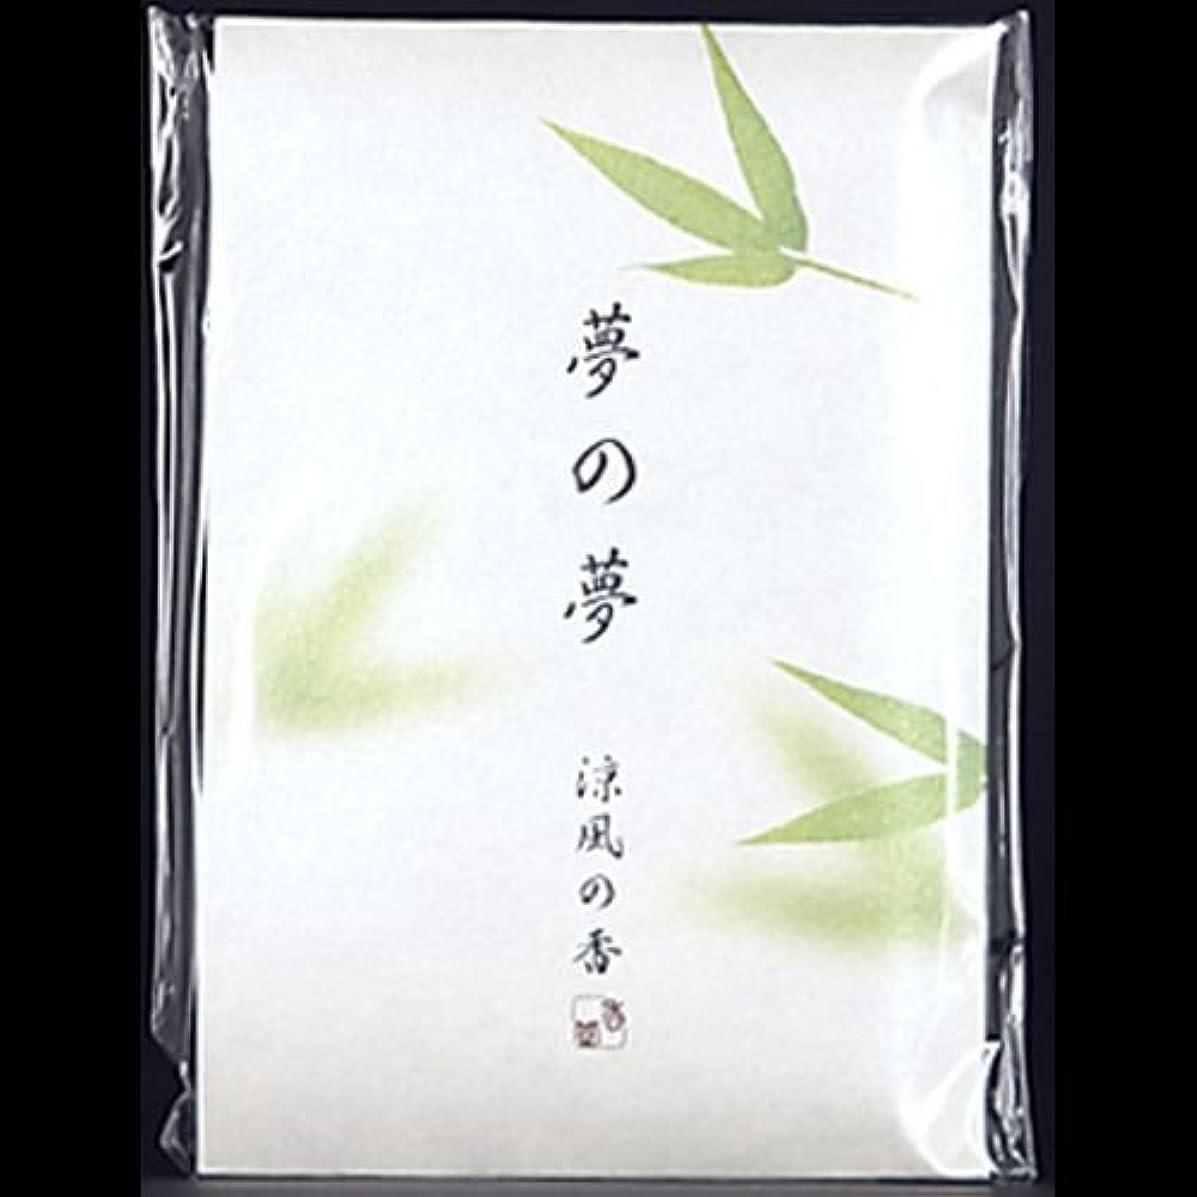 湿気の多いピーブシェア【まとめ買い】夢の夢 涼風の香 (笹) スティック12本入 ×2セット